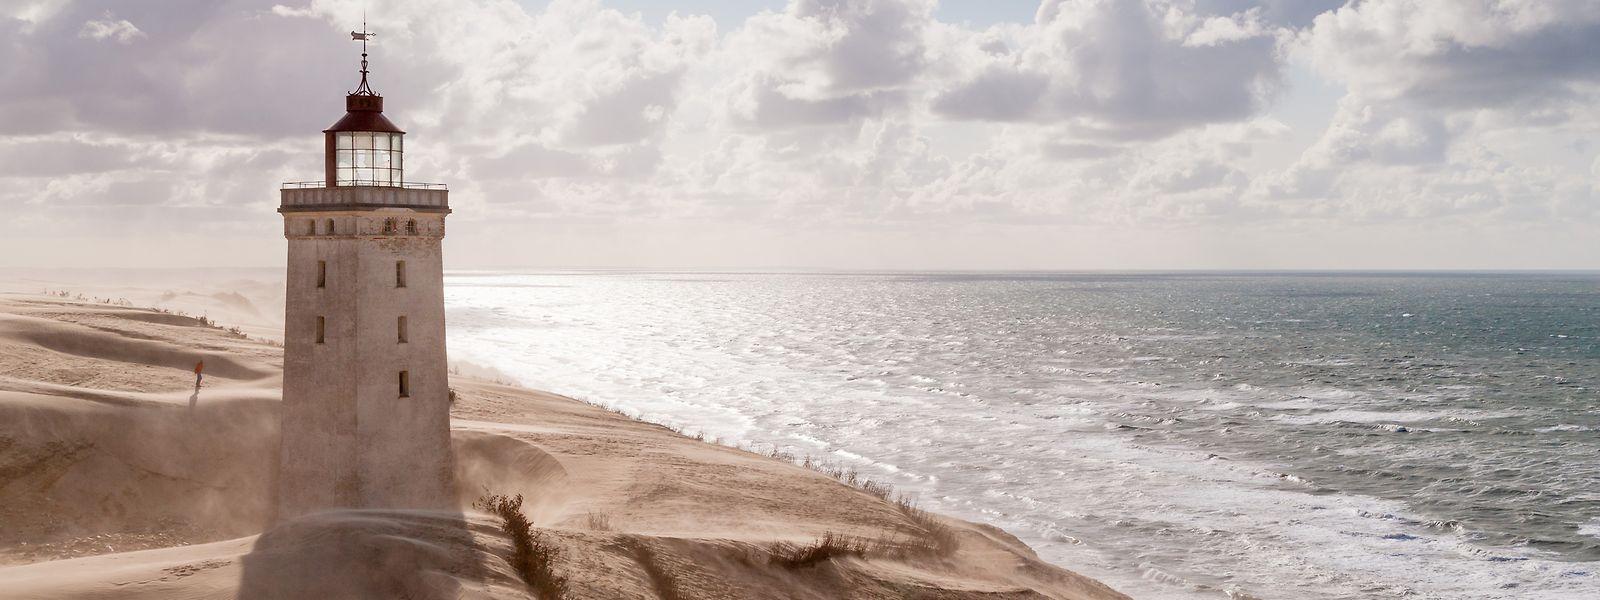 Rubjerg Knude bei Lönstrup in Dänemark: Vor Jahrzehnten war die Düne so hoch, dass der Leuchtturm vom Meer aus nicht mehr zu sehen war. 1968 wurde der Betrieb schließlich eingestellt und aufgrund neuer Navigationstechniken auch nicht mehr aufgenommen.